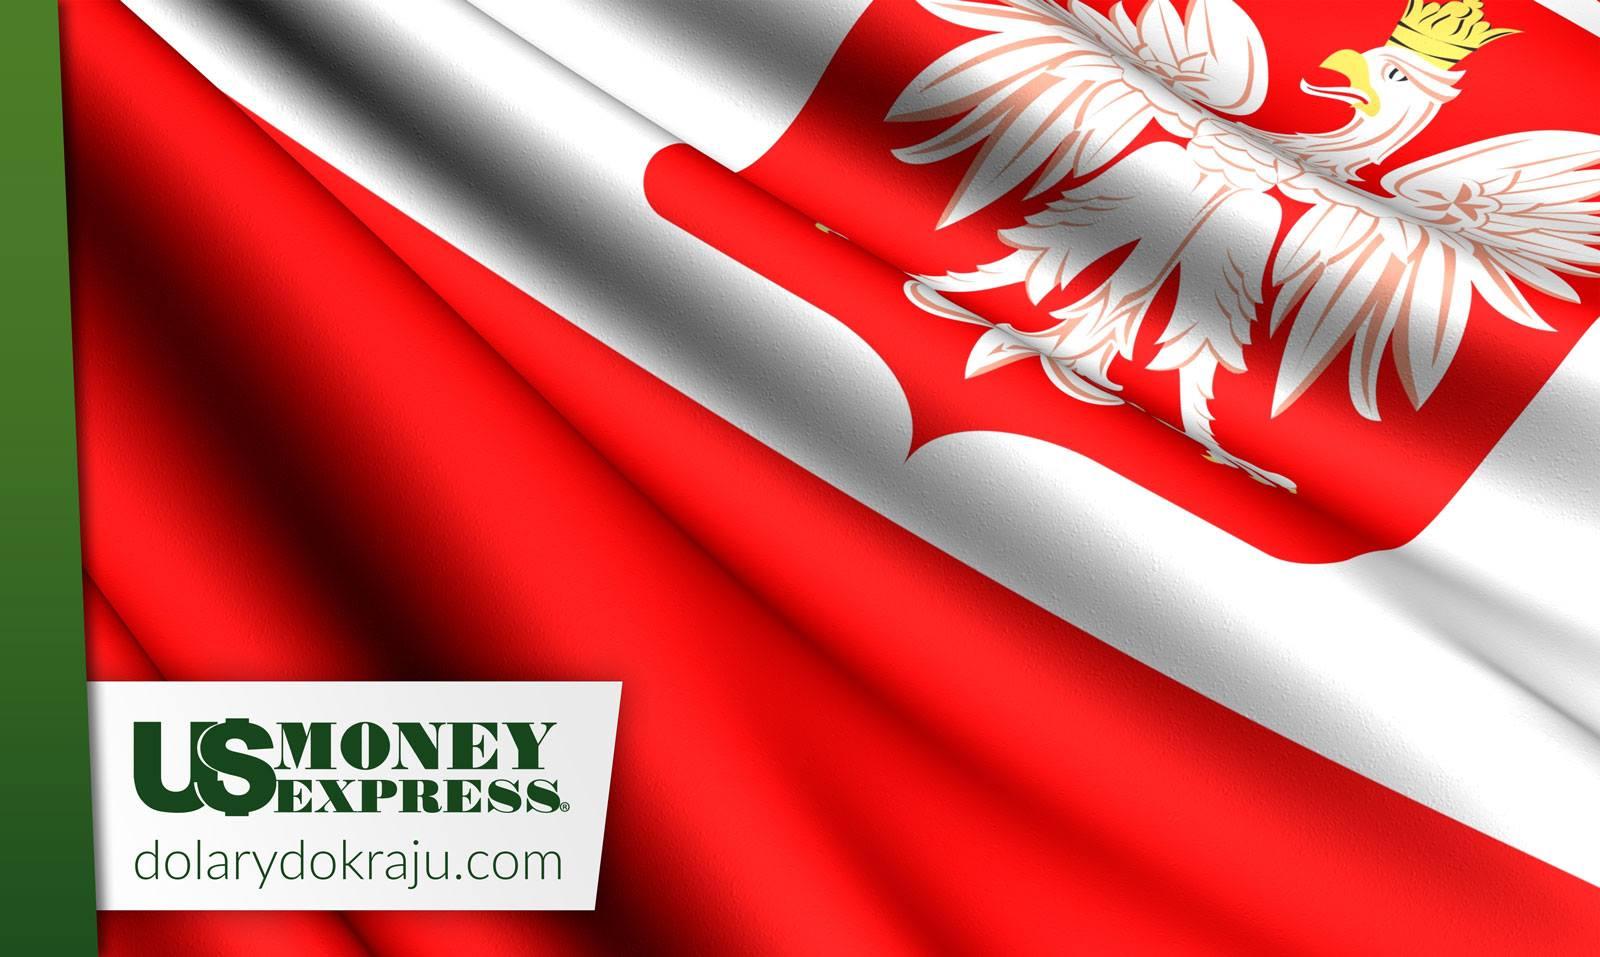 Przekazy pieniężne do Polski z US Money Express z agencji i przez internet, z domu